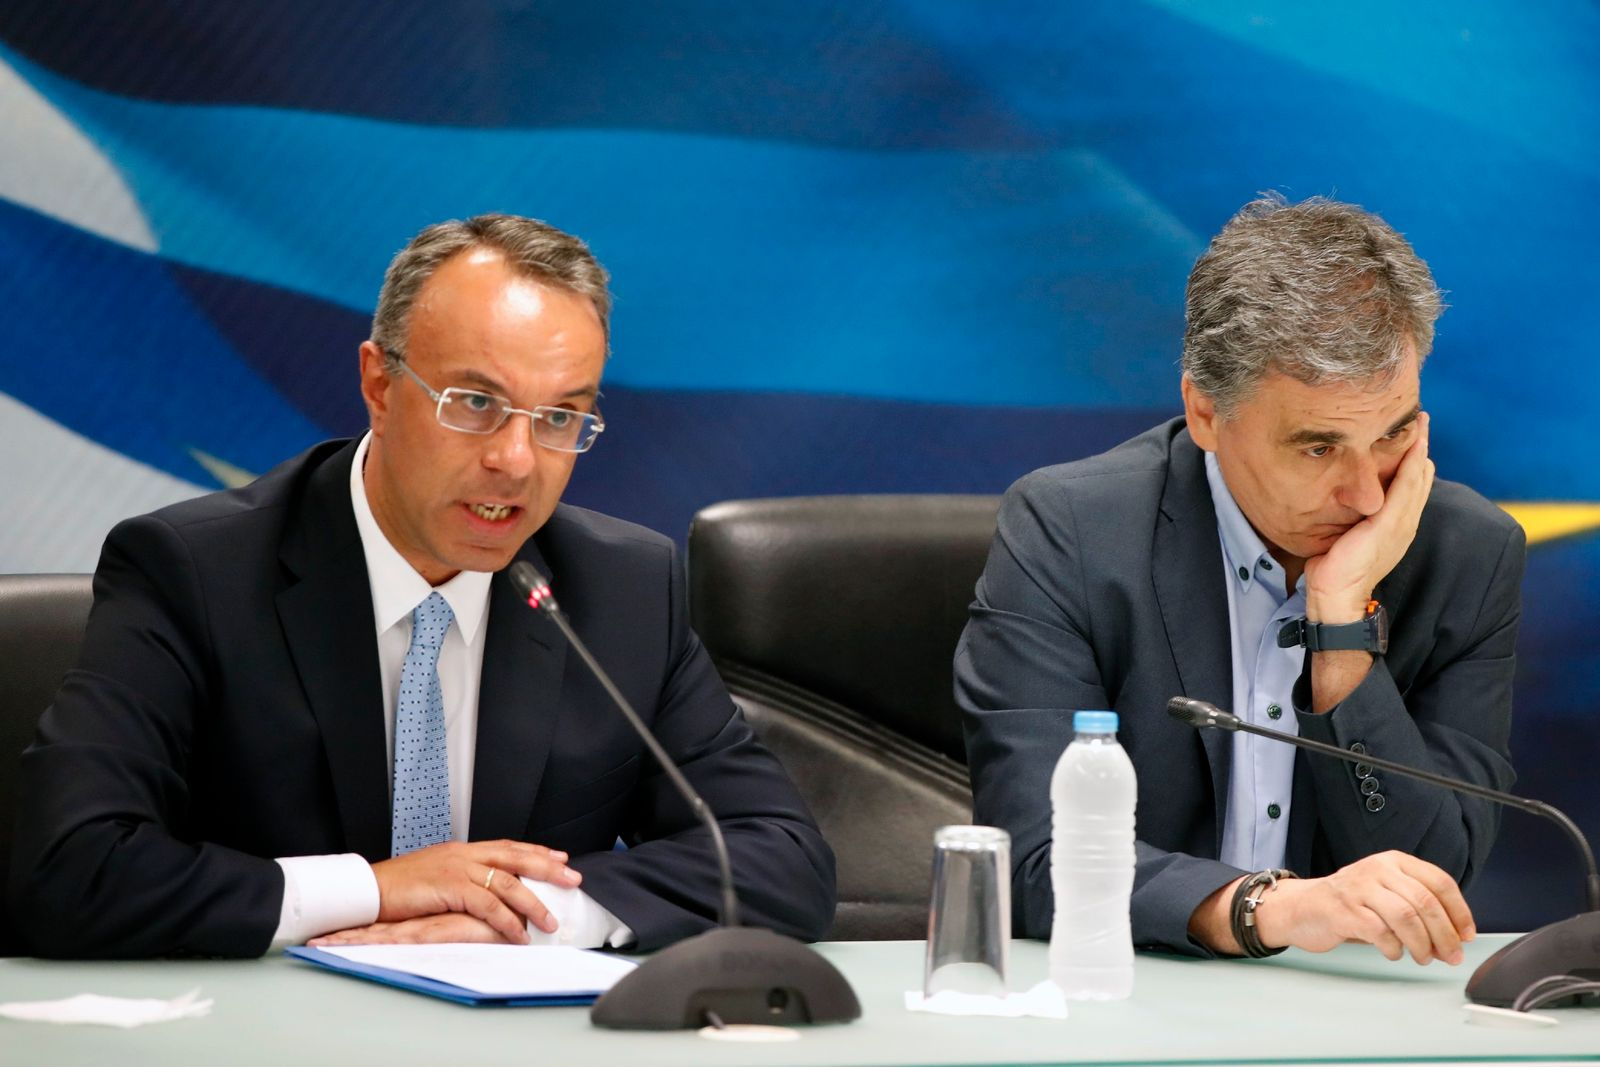 Griechenland / Finanzminister Christos Staikouras / Euklid Tsakalotos